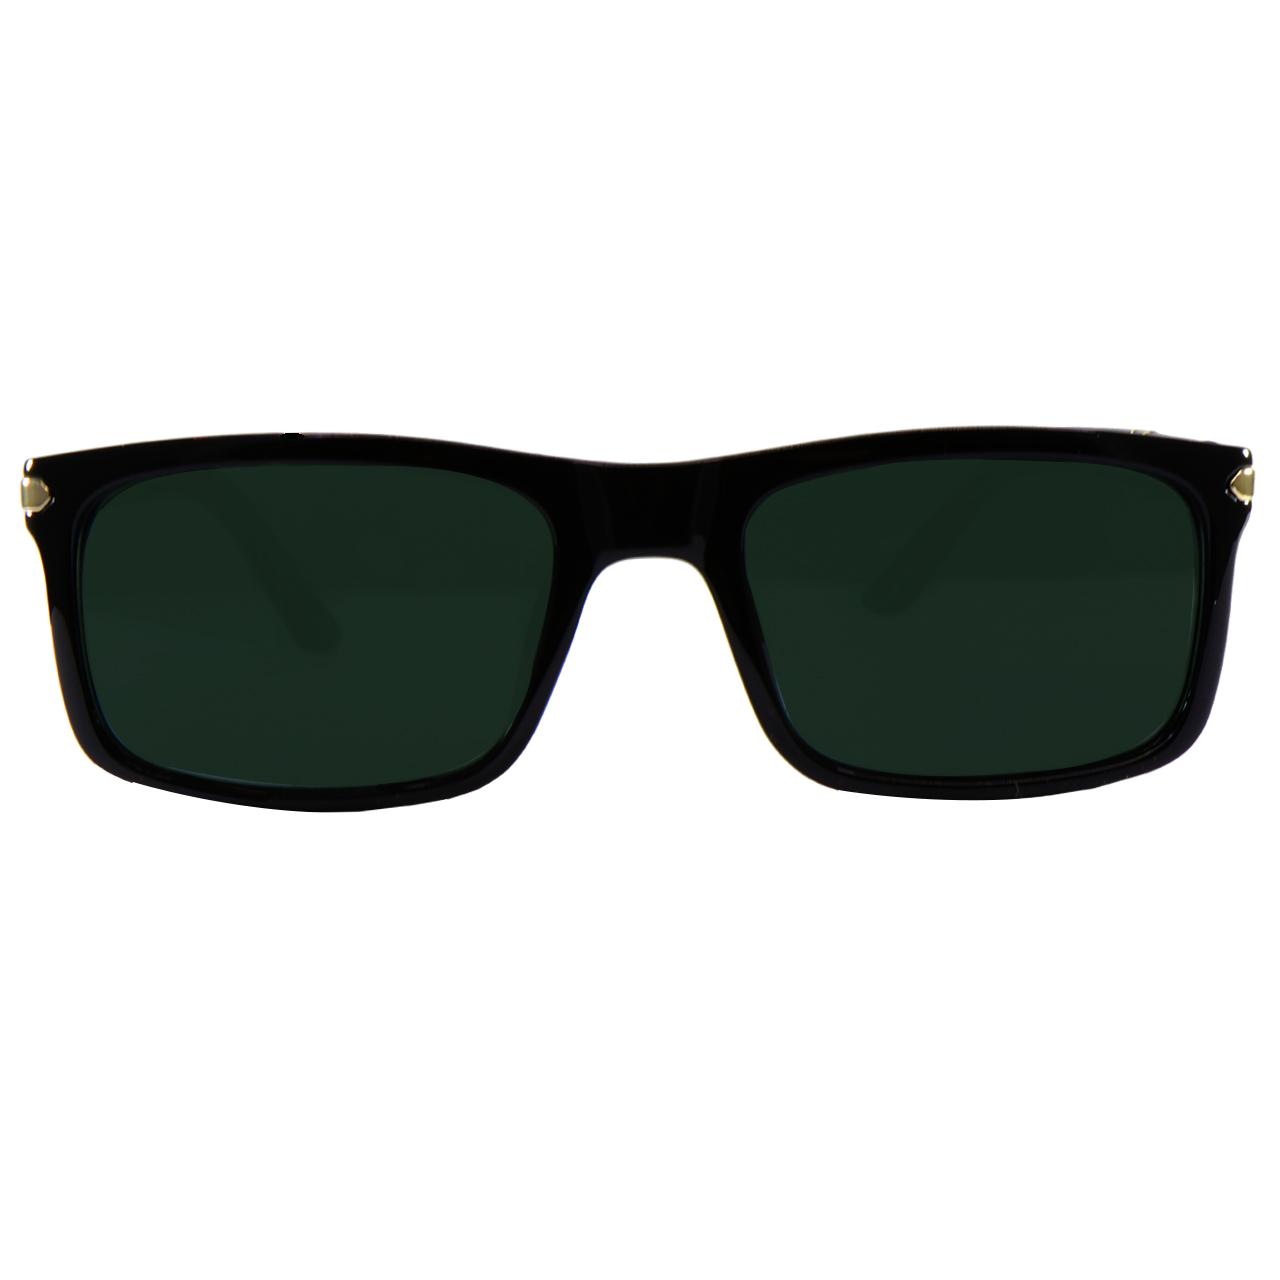 قیمت عینک آفتابی پرسول مدل po3118 21-128